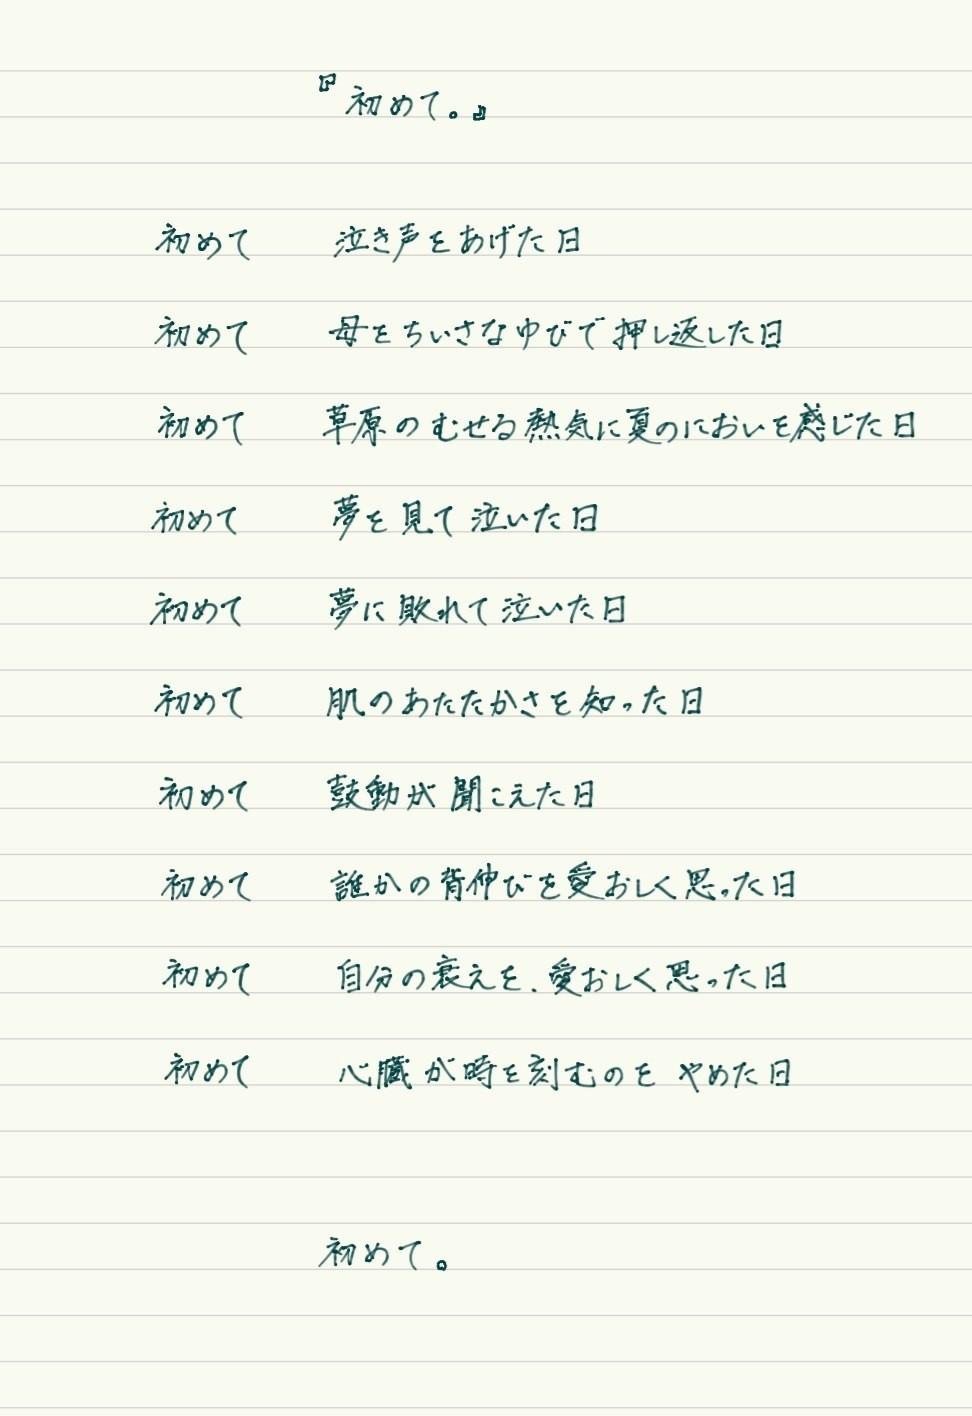 手書き詩 『初めて。』|考え之介|note